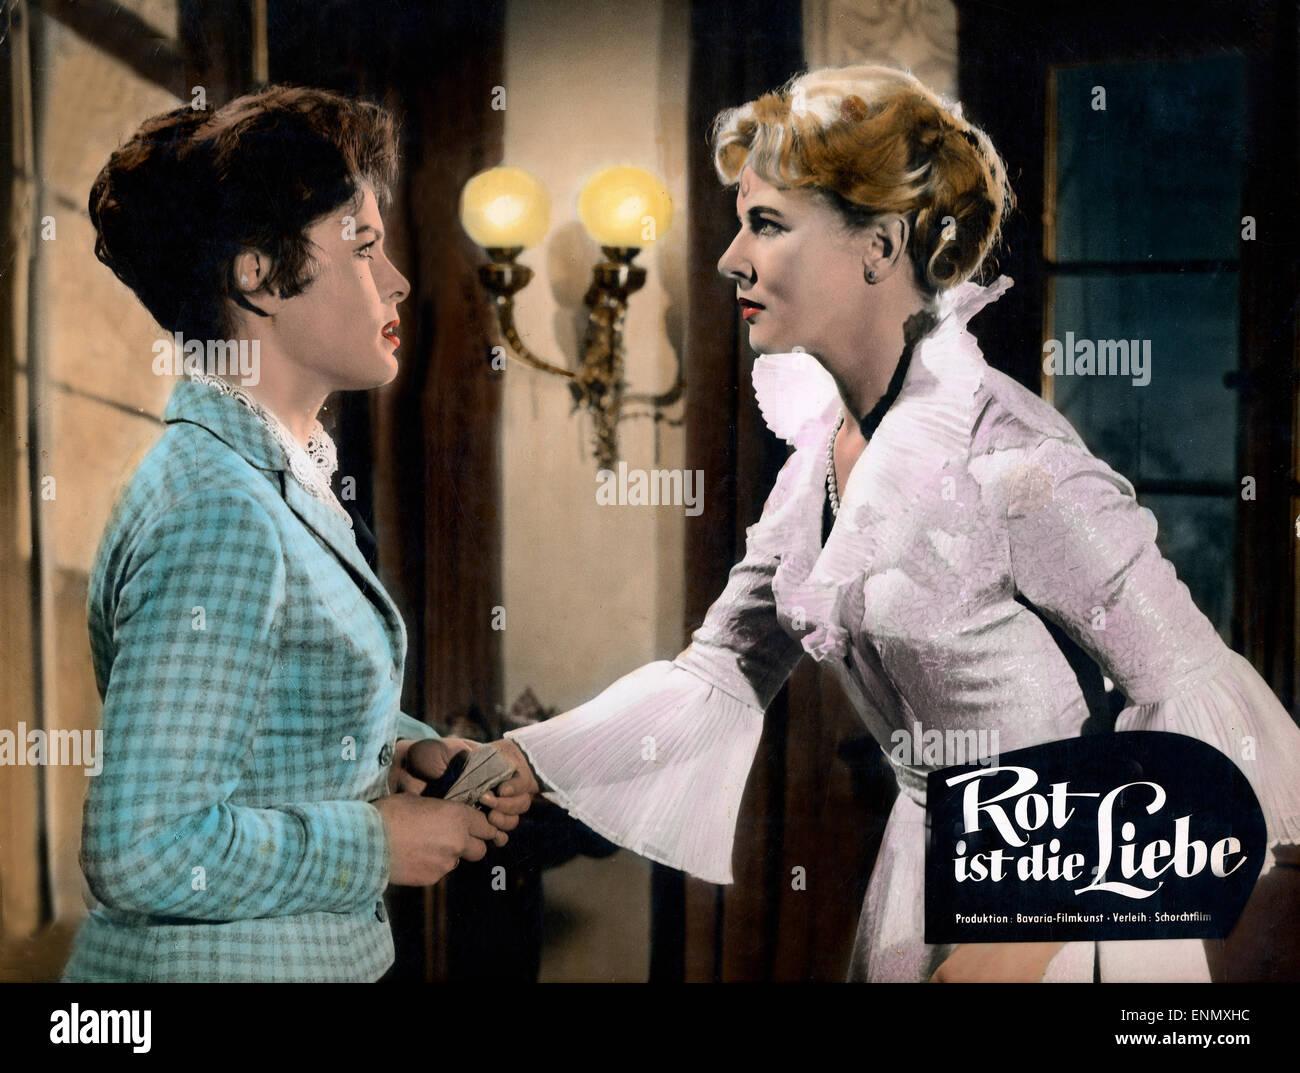 Rot ist die Liebe, Deutschland 1957, Regie: Karl Hartl, Darsteller: Cornell Borchers, Barbara Rütting - Stock Image